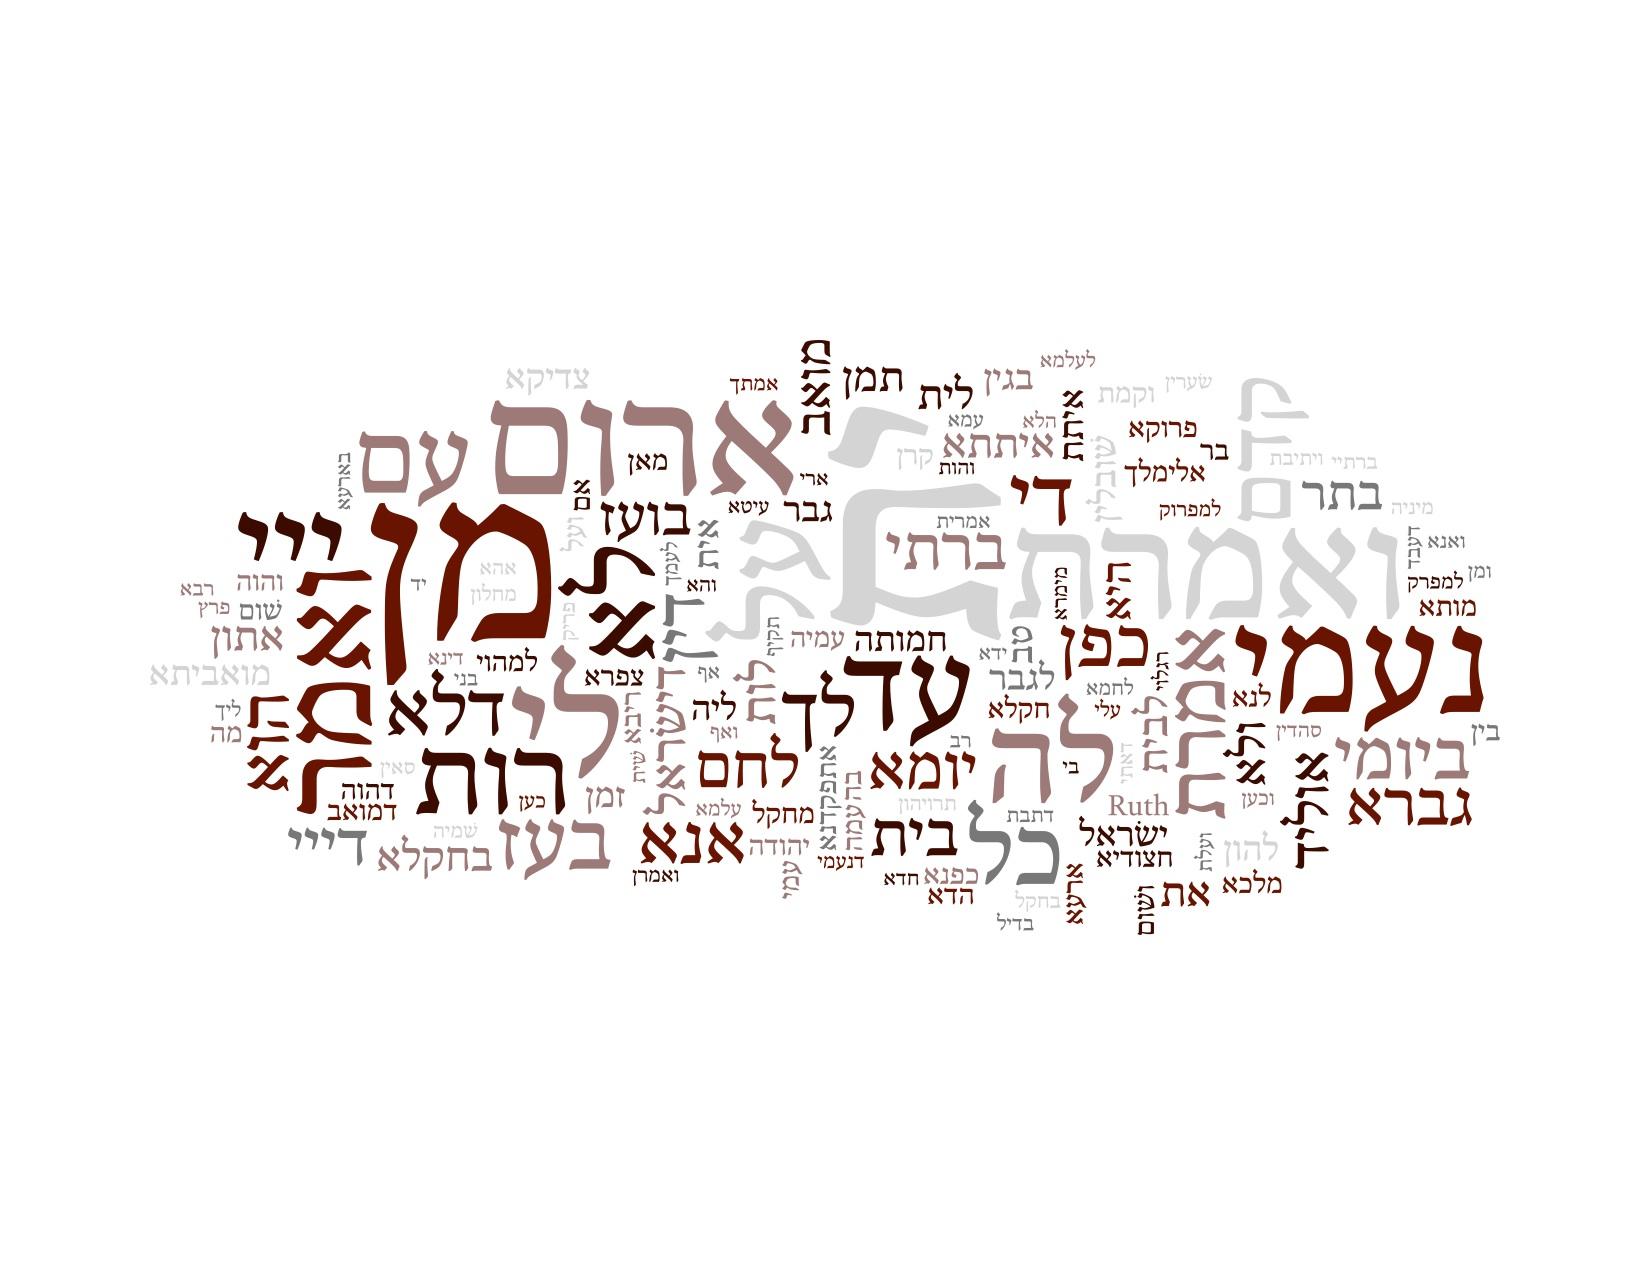 Targum Ruth Aramaic Word Cloud